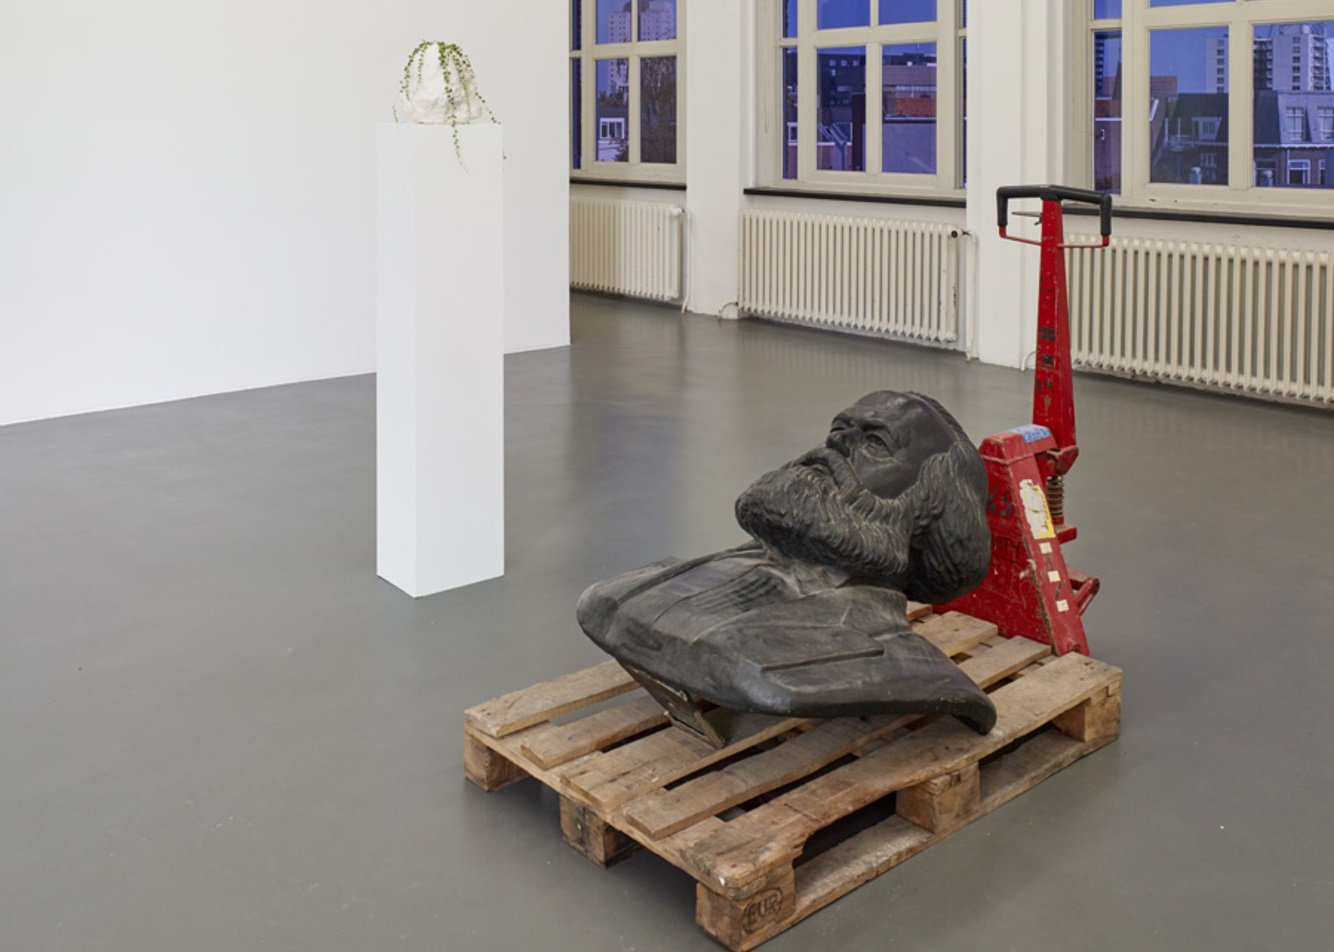 In gesprek met Ahmet Öğüt & Goshka Macuga nav hun expositie bij Witte de With in Rotterdam https://t.co/ABV3tiRk3v https://t.co/AVc4DLlM74